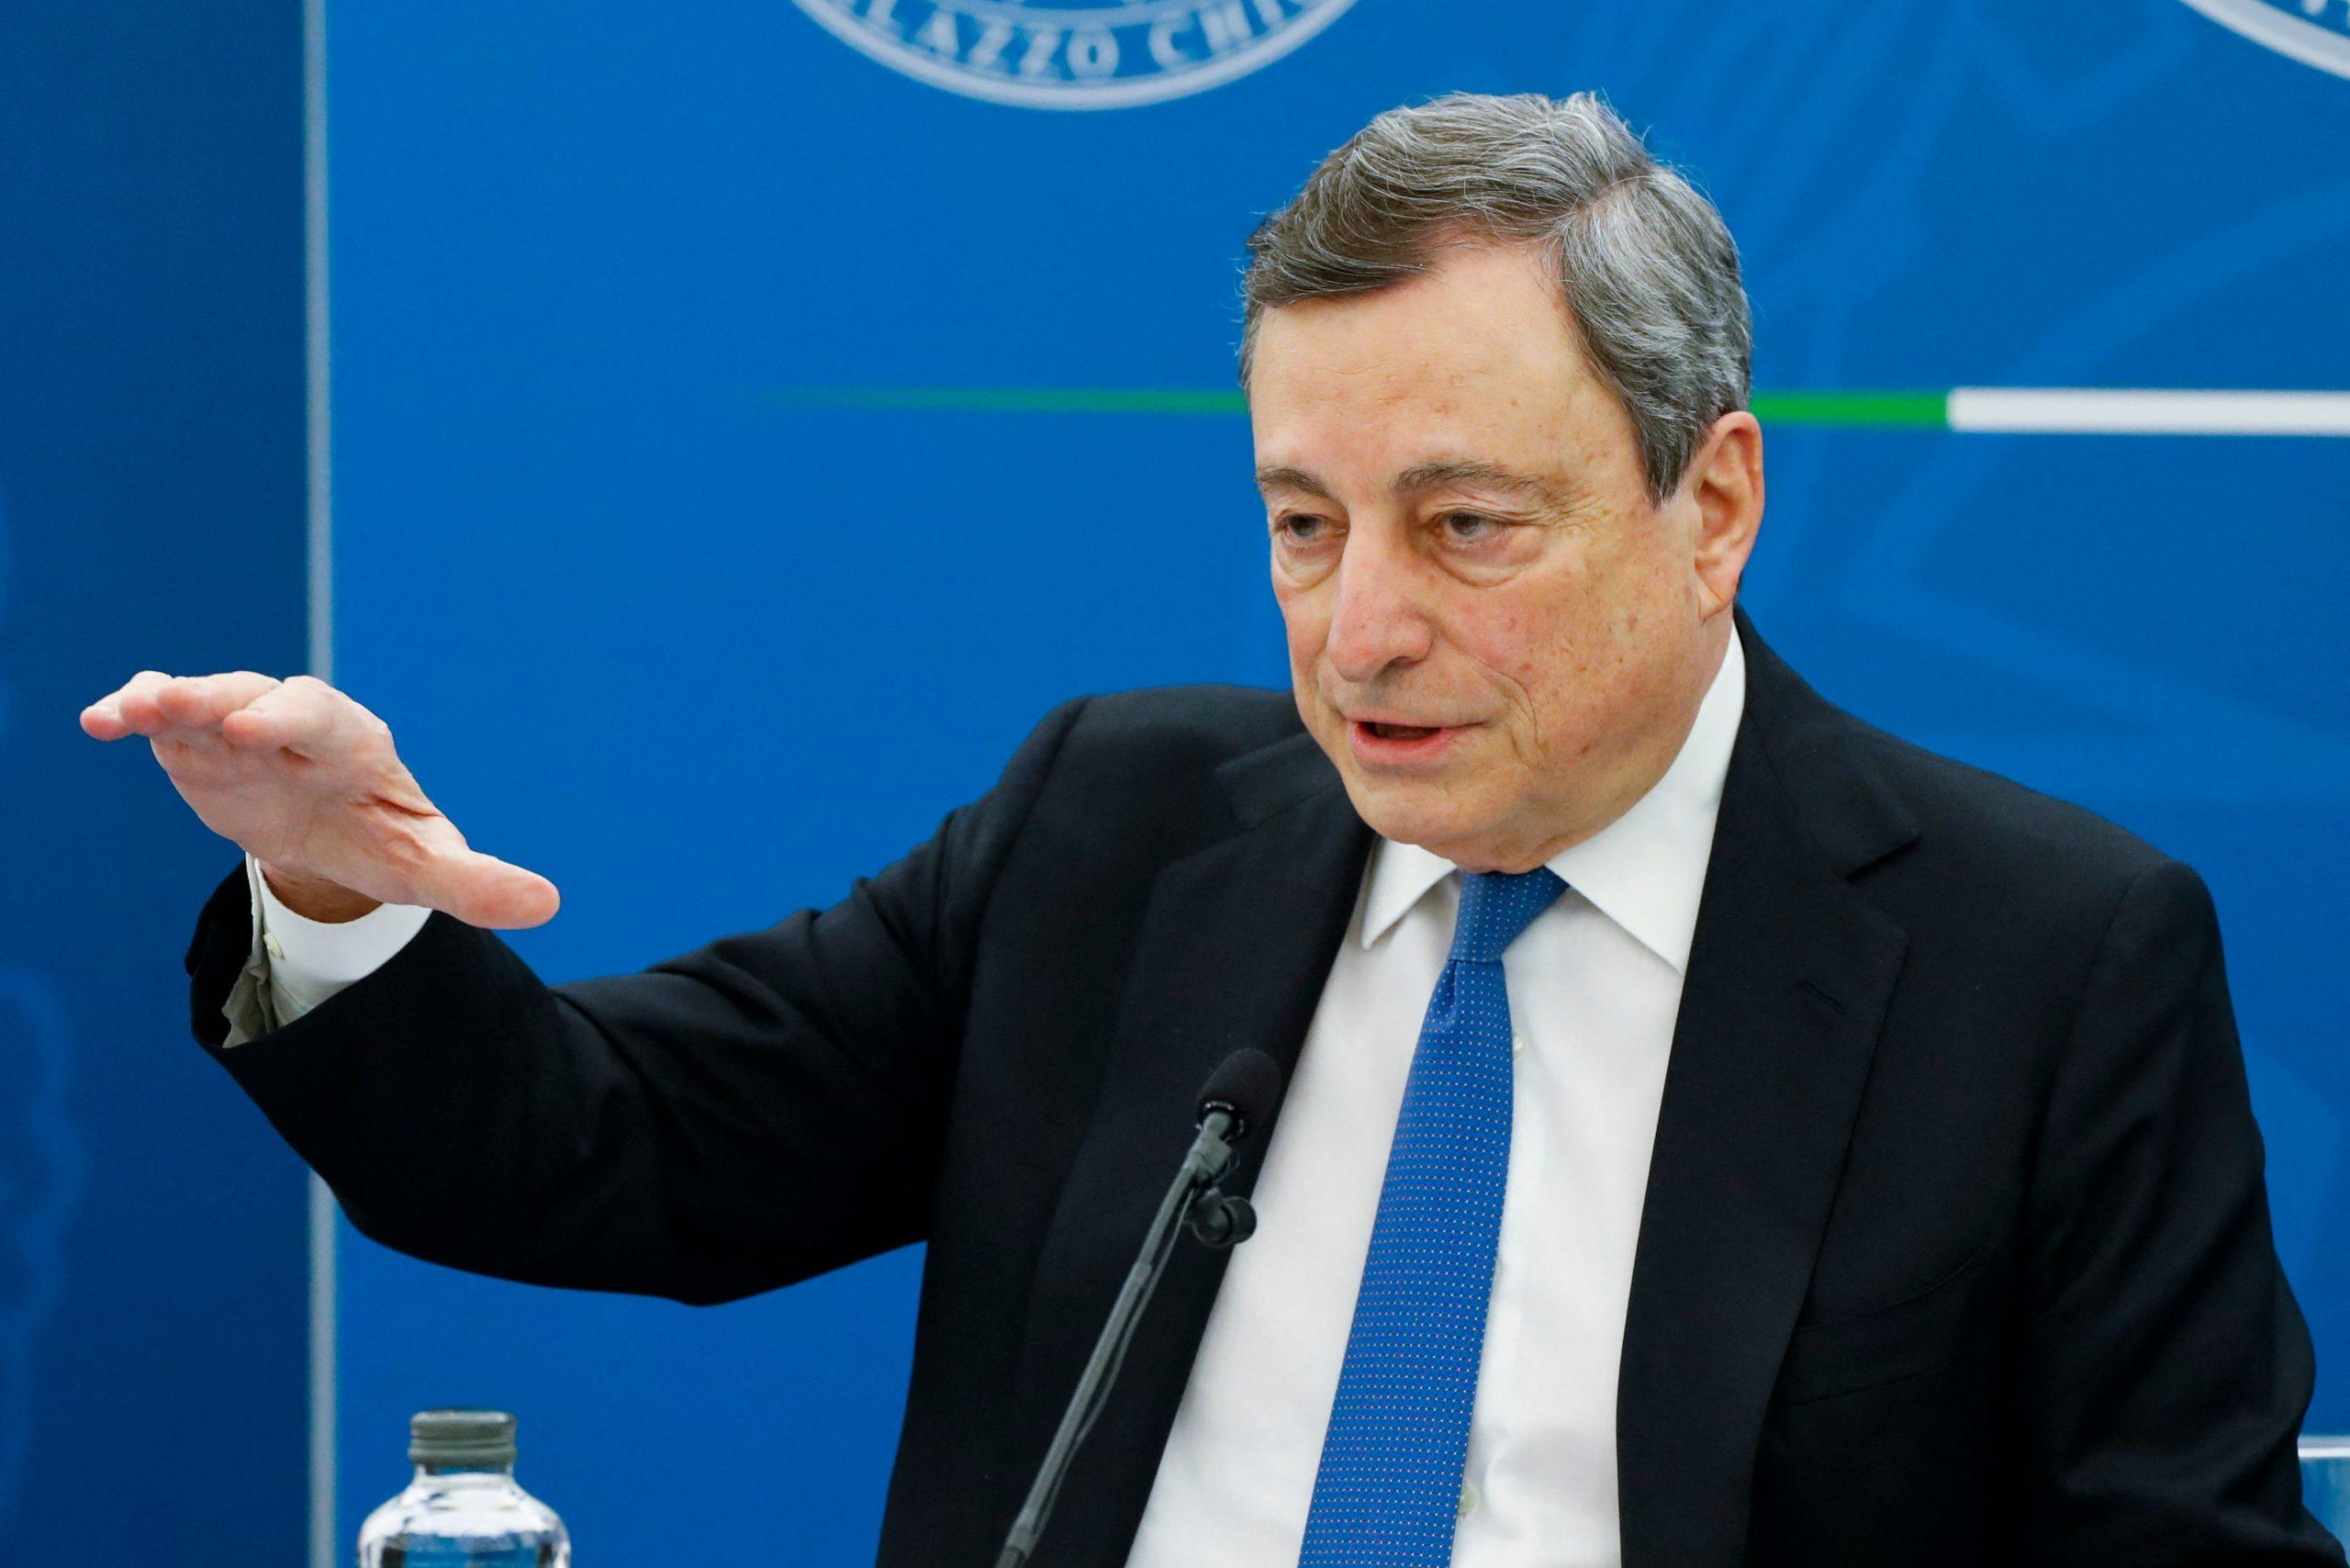 Restricciones: Mario Draghi anuncia el inicio de la reapertura de Italia |  Sociedad – Información Center